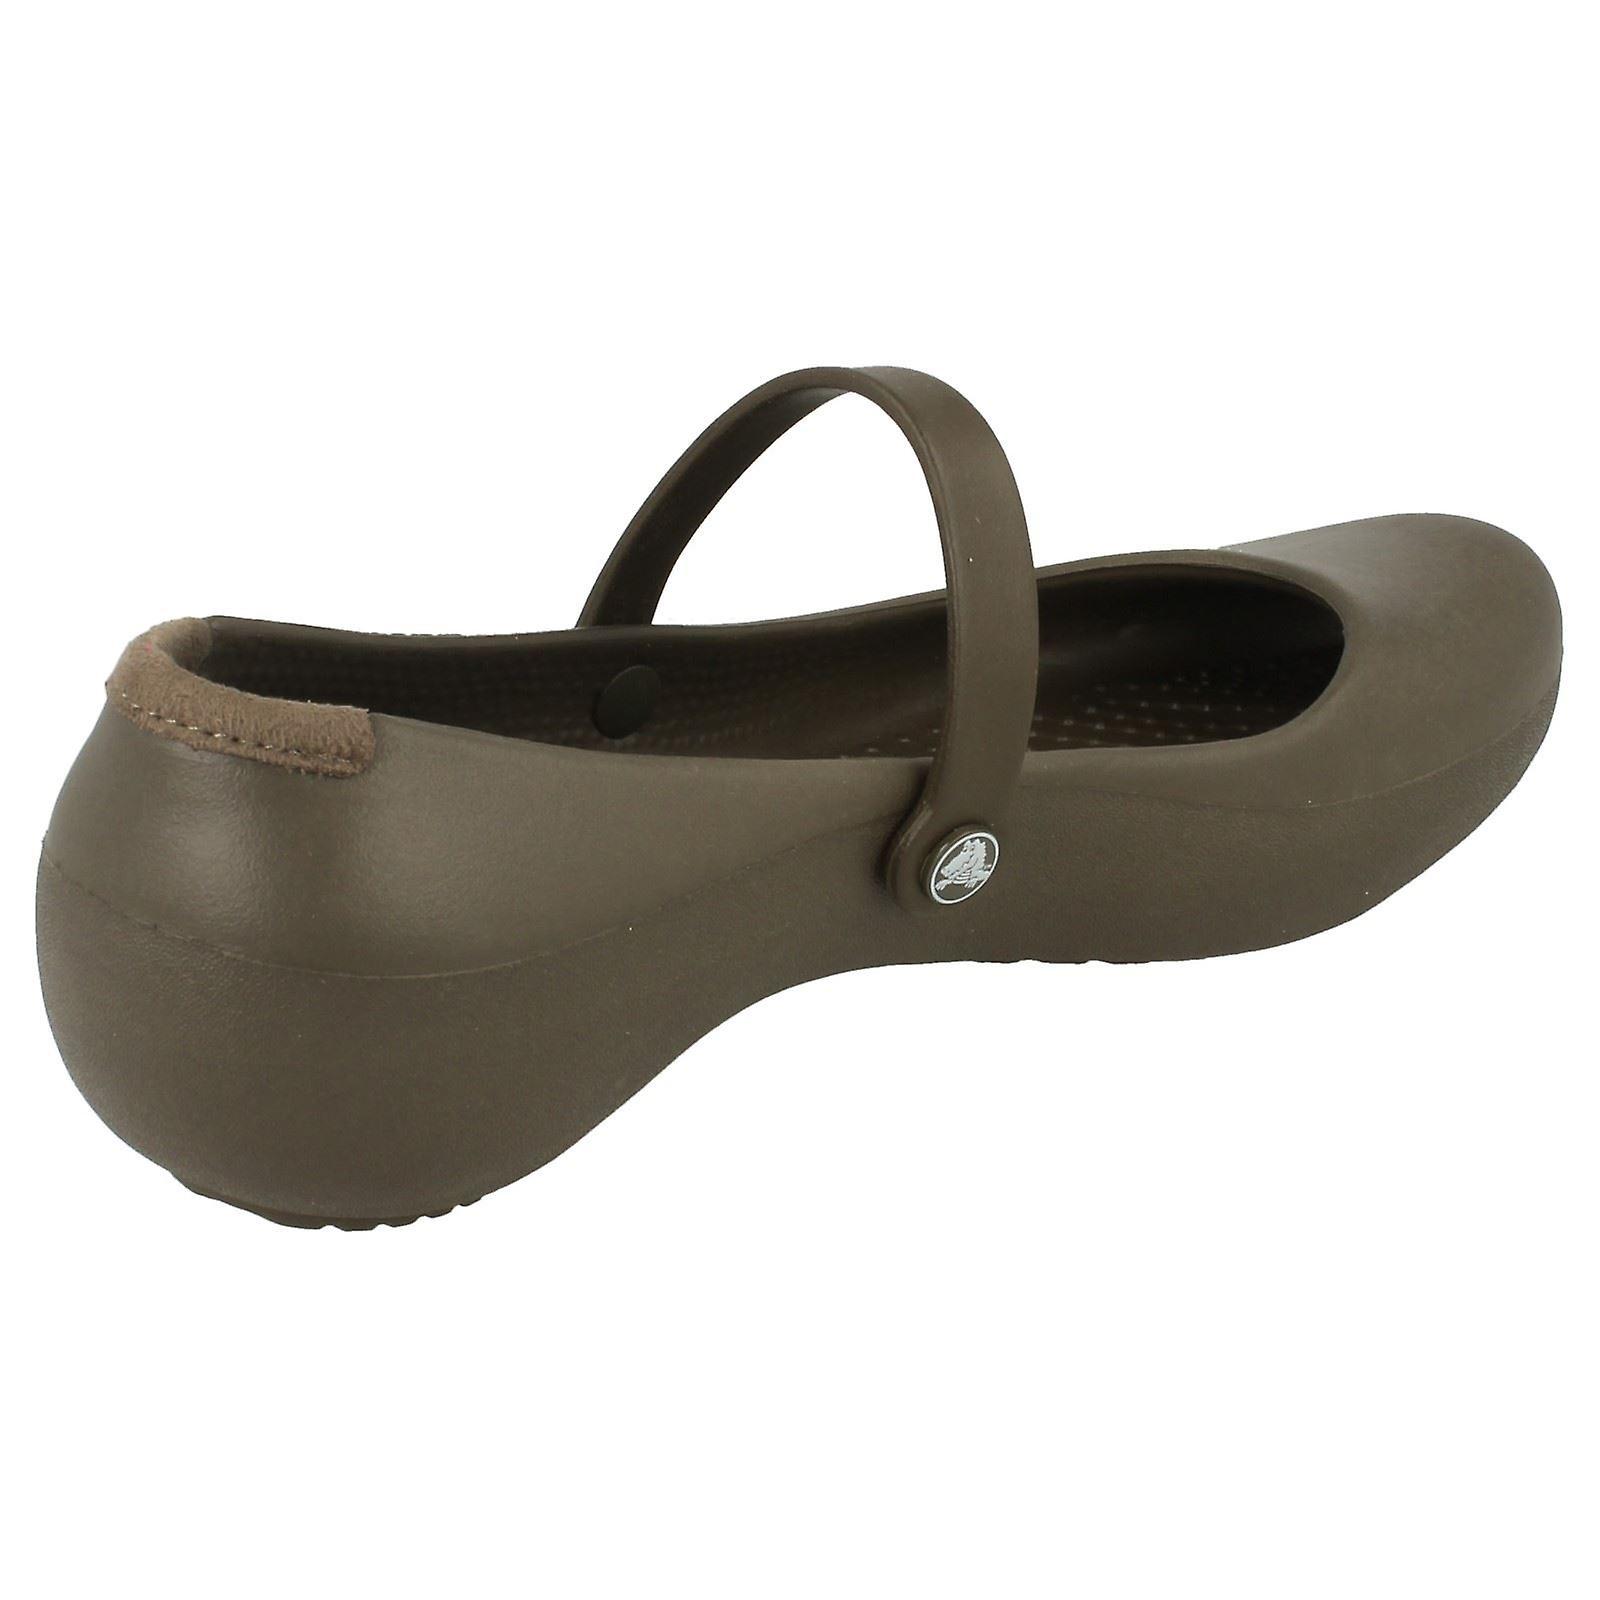 Wsuwane buty damskie Crocs Alice mieszkania jKfta